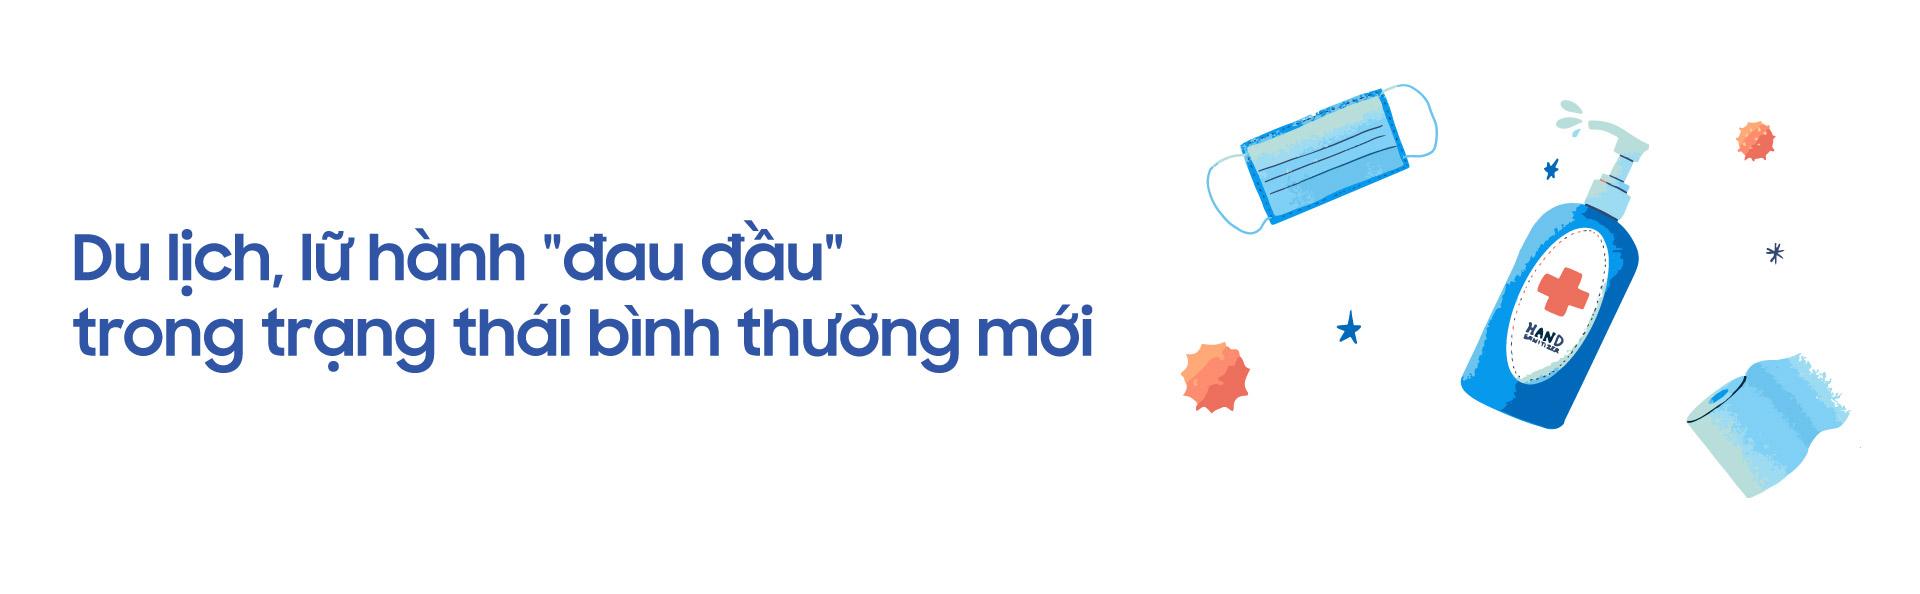 Chuyện thương trường 2020: Biến số Covid-19 và lời giải của doanh nghiệp Việt - Ảnh 6.